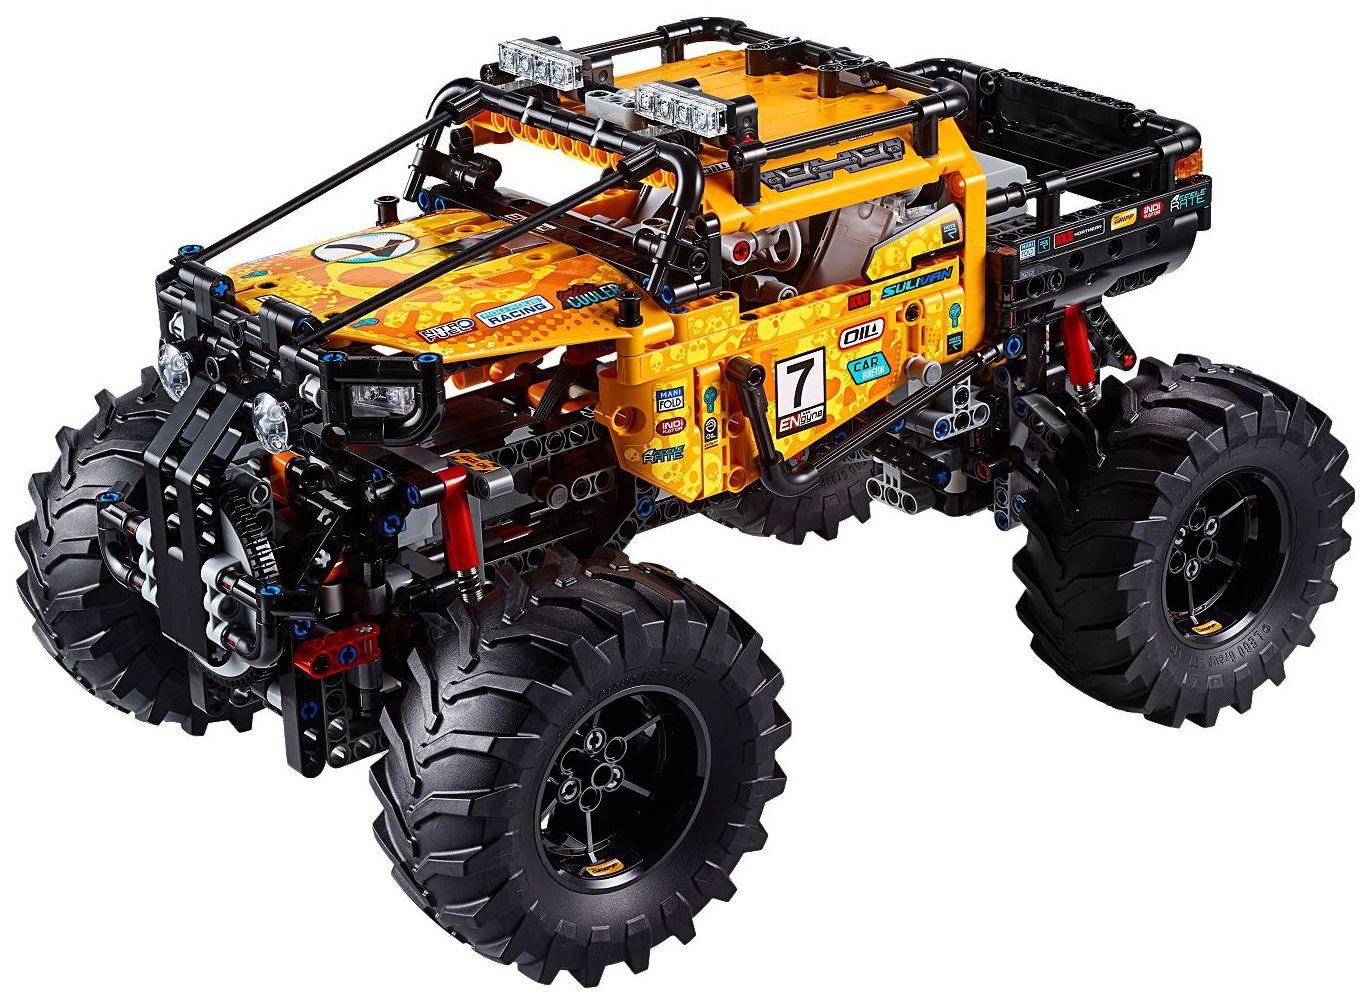 Конструктор Lego Technic - X-treme Off Roader 4x4 (42099) - 4